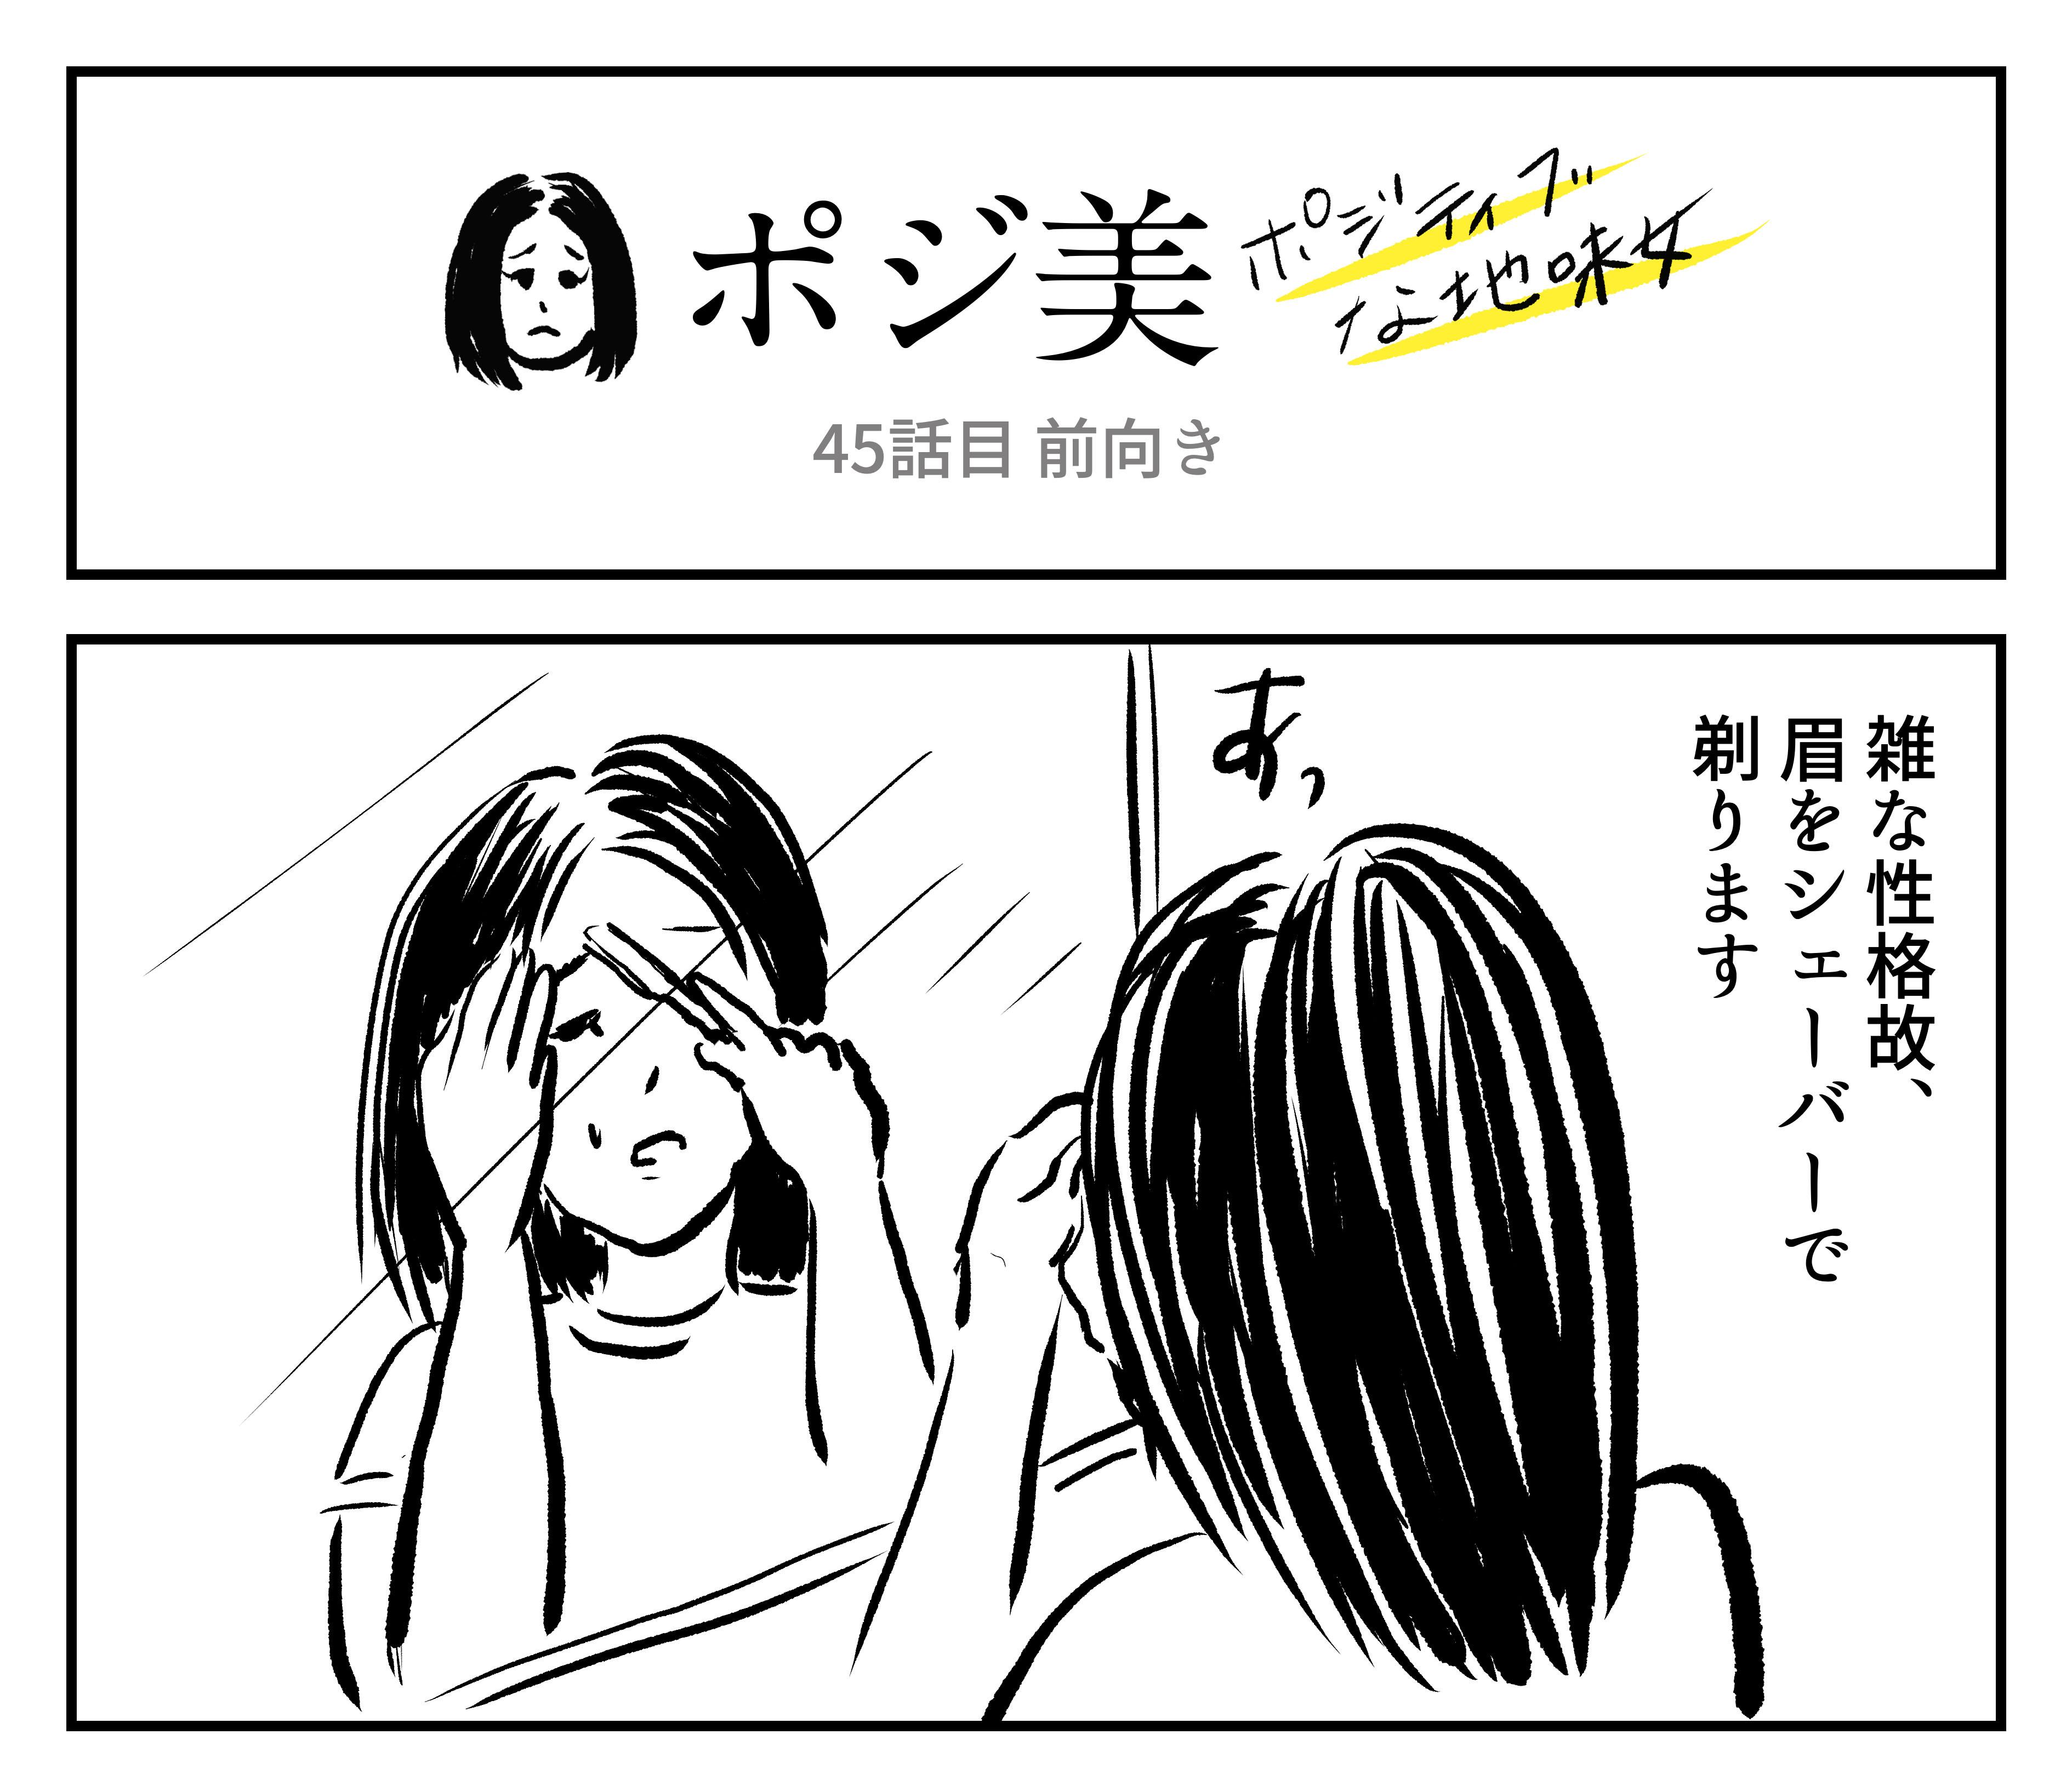 【2コマ】ポジ美 45話目「前向き」